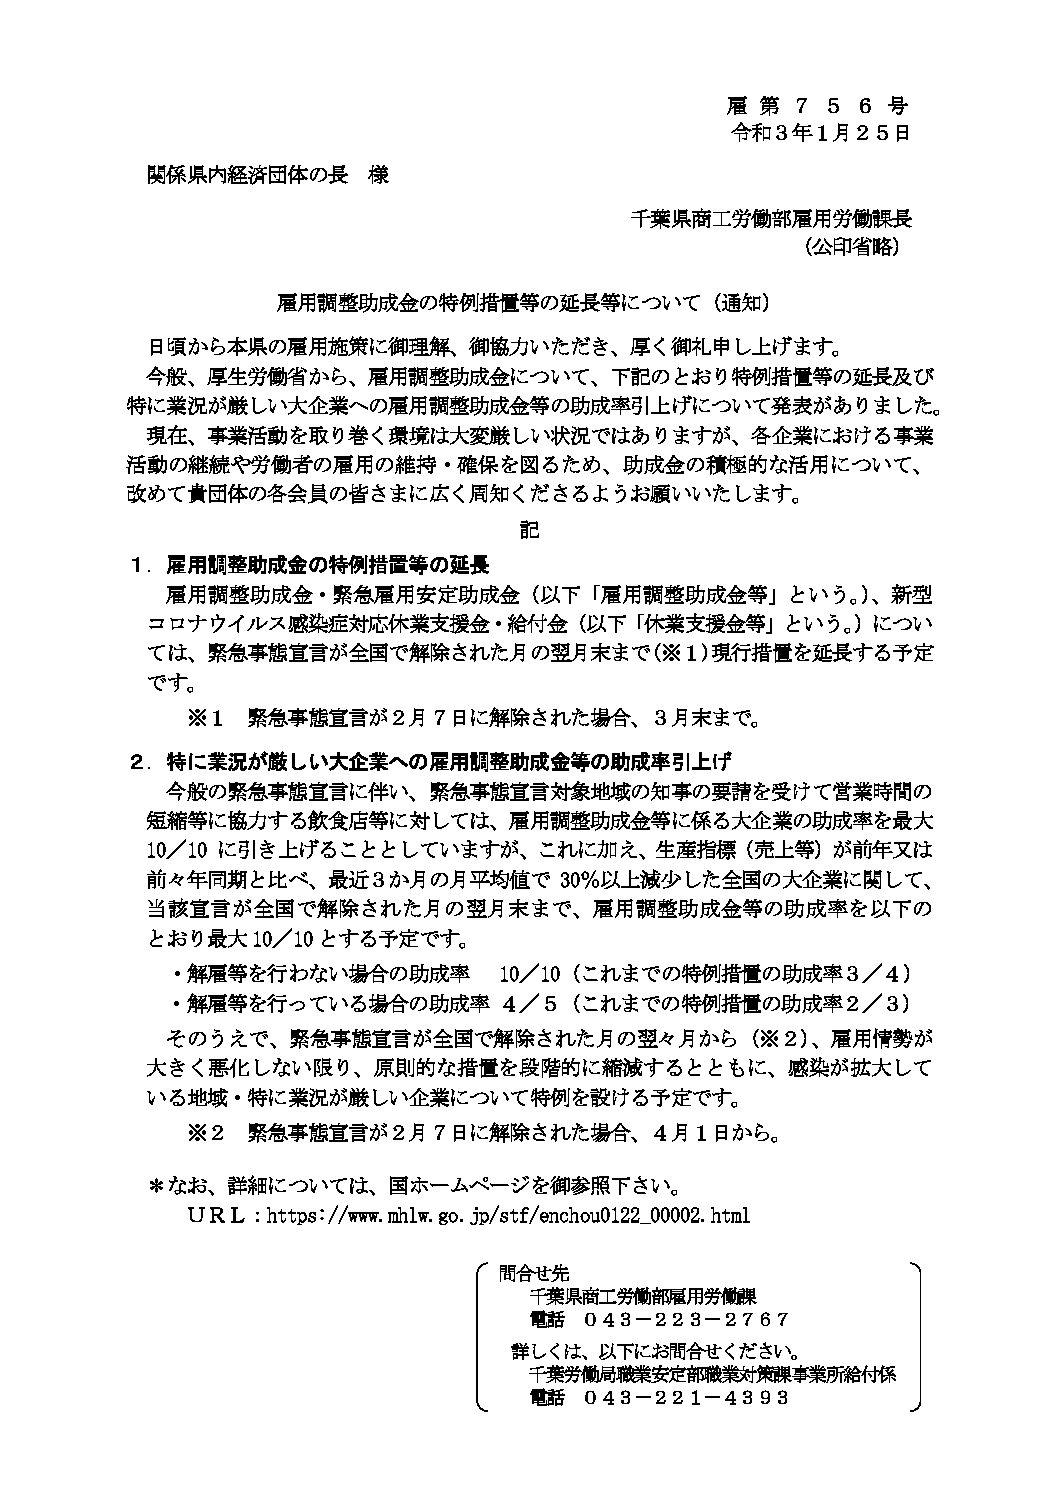 千葉県より 雇用調整助成金の特例措置等の延長等について